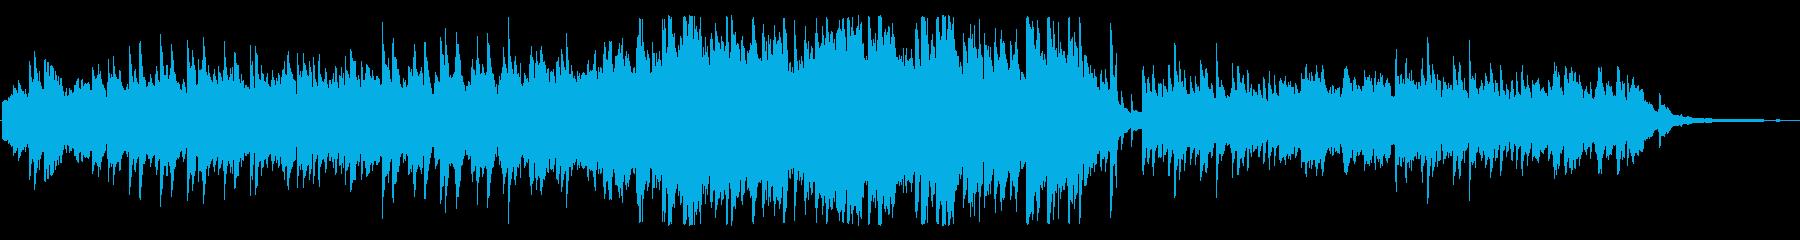 心癒される美しいピアノの旋律の再生済みの波形